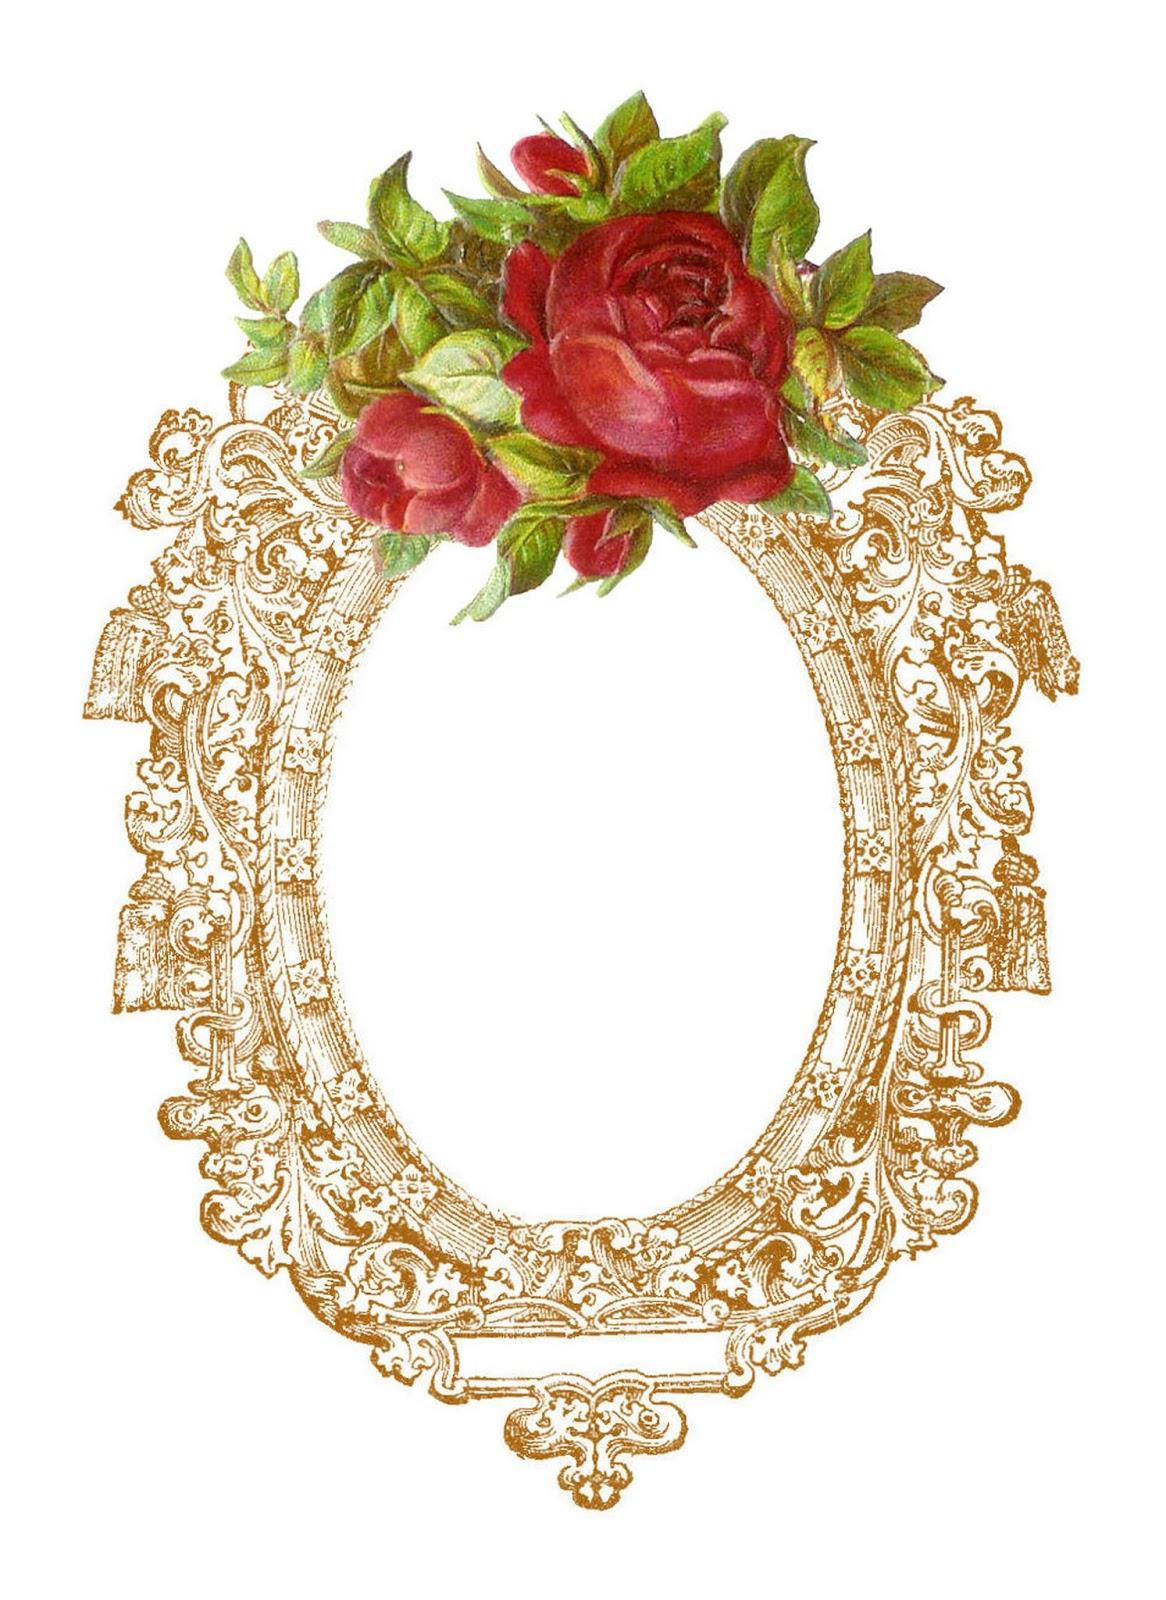 Vintage Rose Frame Clip Art Free